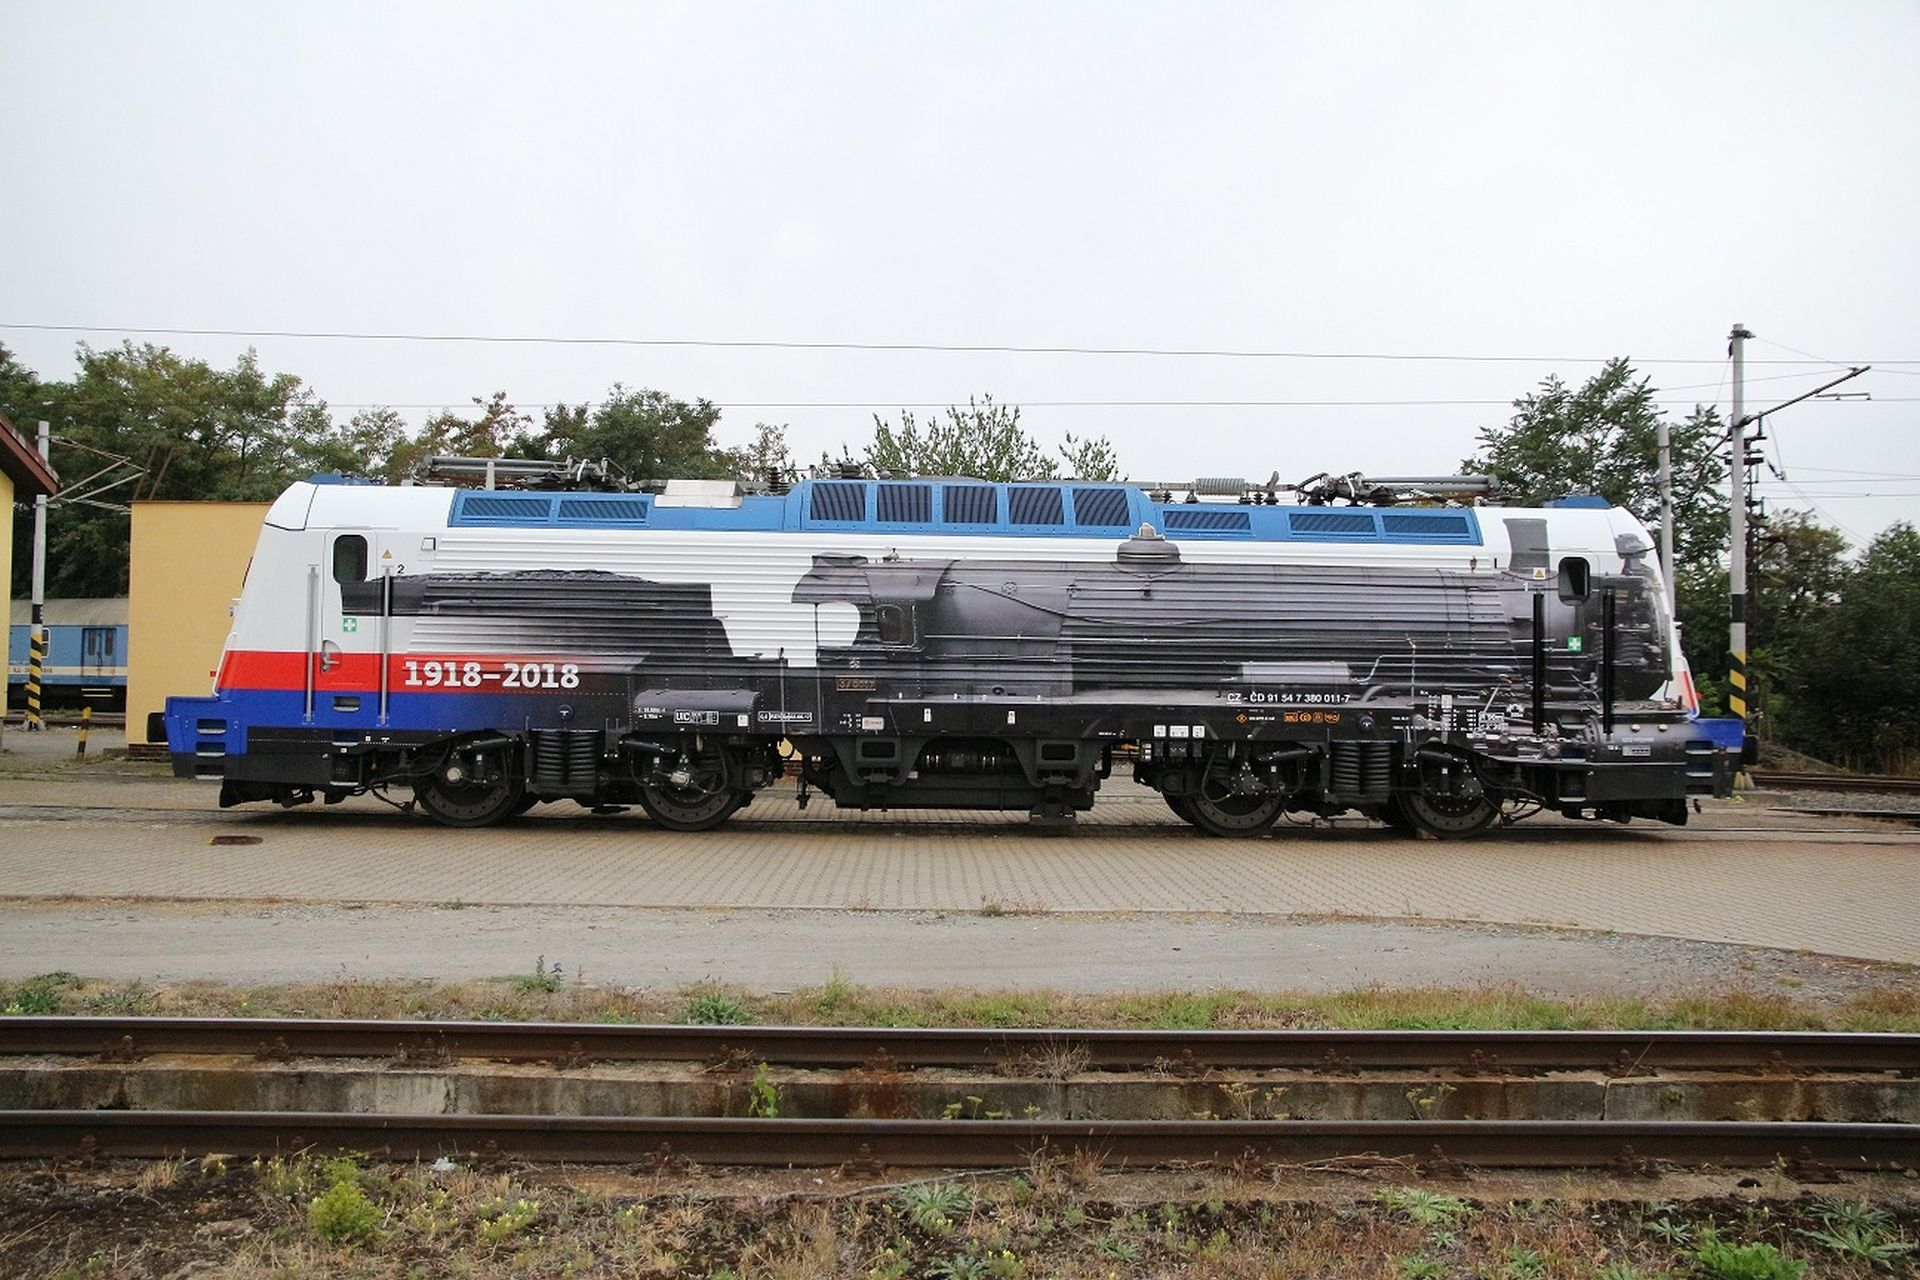 Lokomotiva 380 s polepem připomínajícím parní lokomotivy řady 375.0. Foto: České dráhy